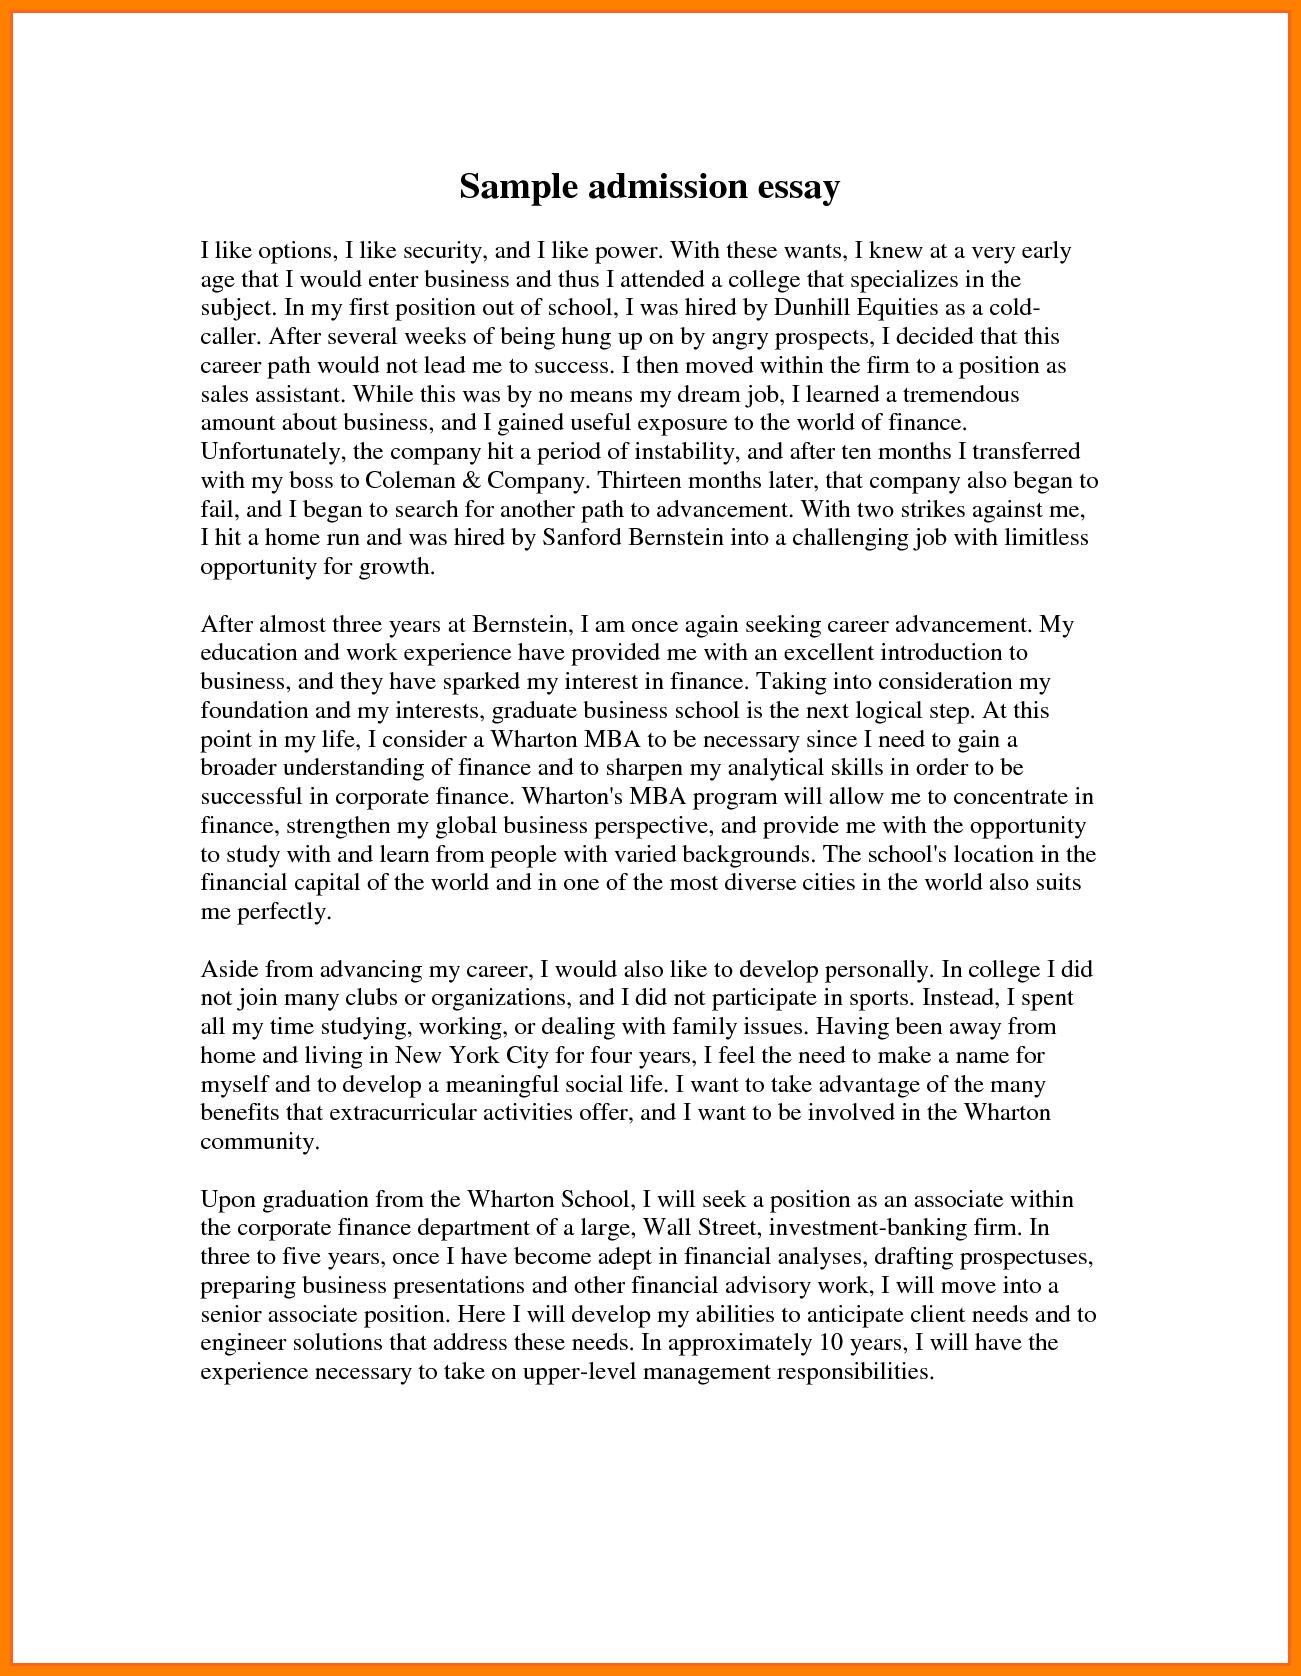 Graduate admission essay help nursing